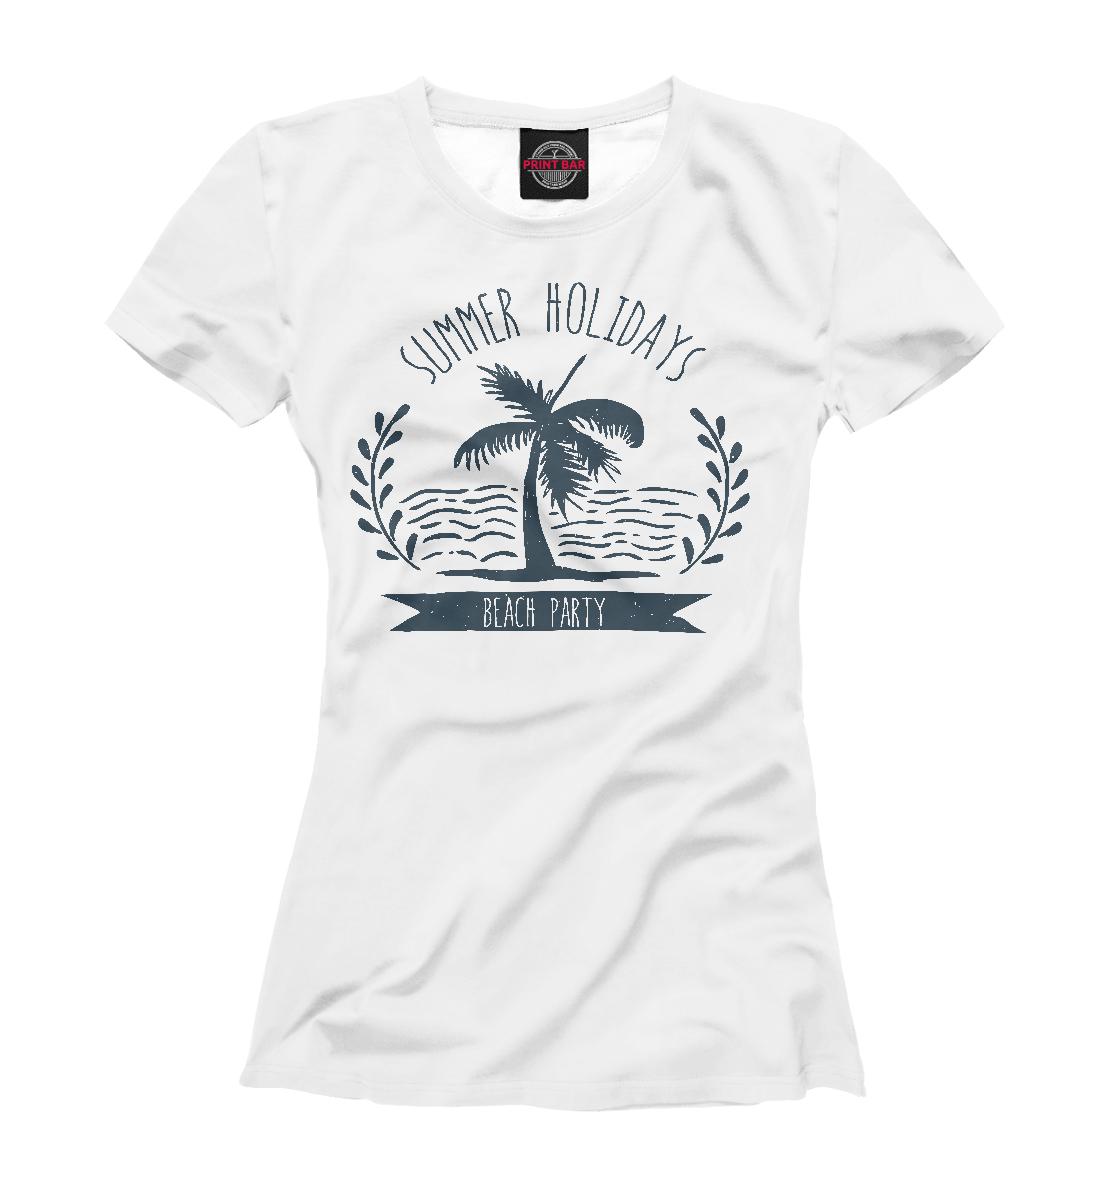 воплотить картинки на футболки для отпуска подборка веселых